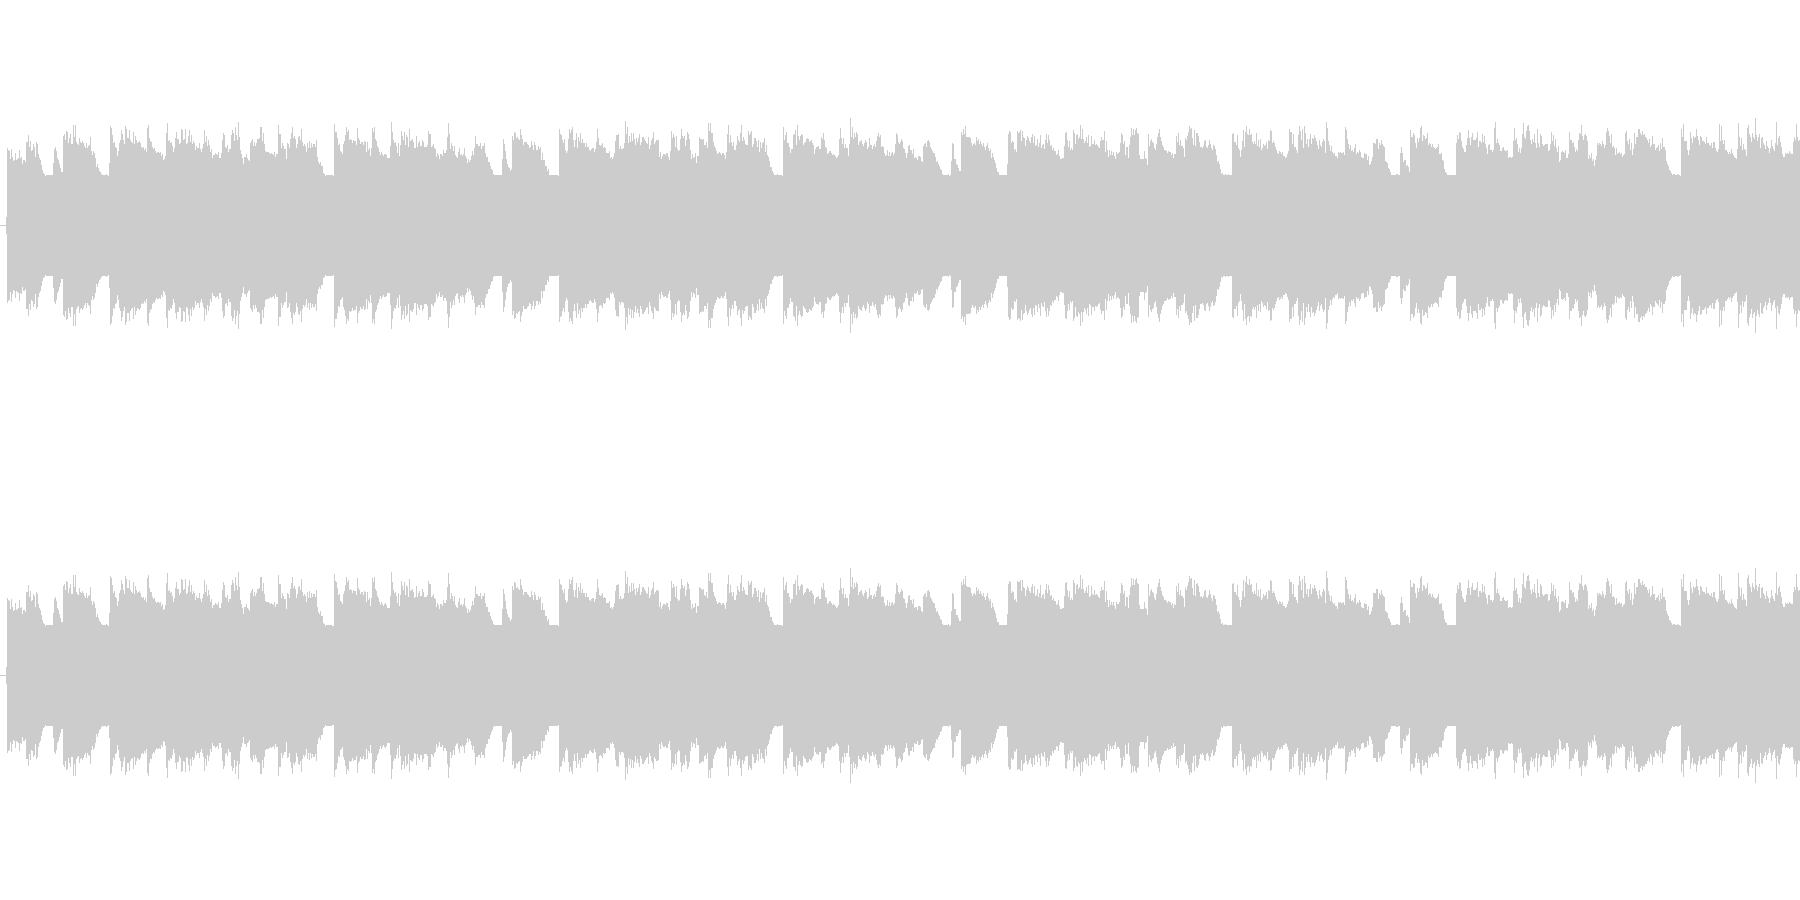 チップチューンの軽快な短いループ2の未再生の波形